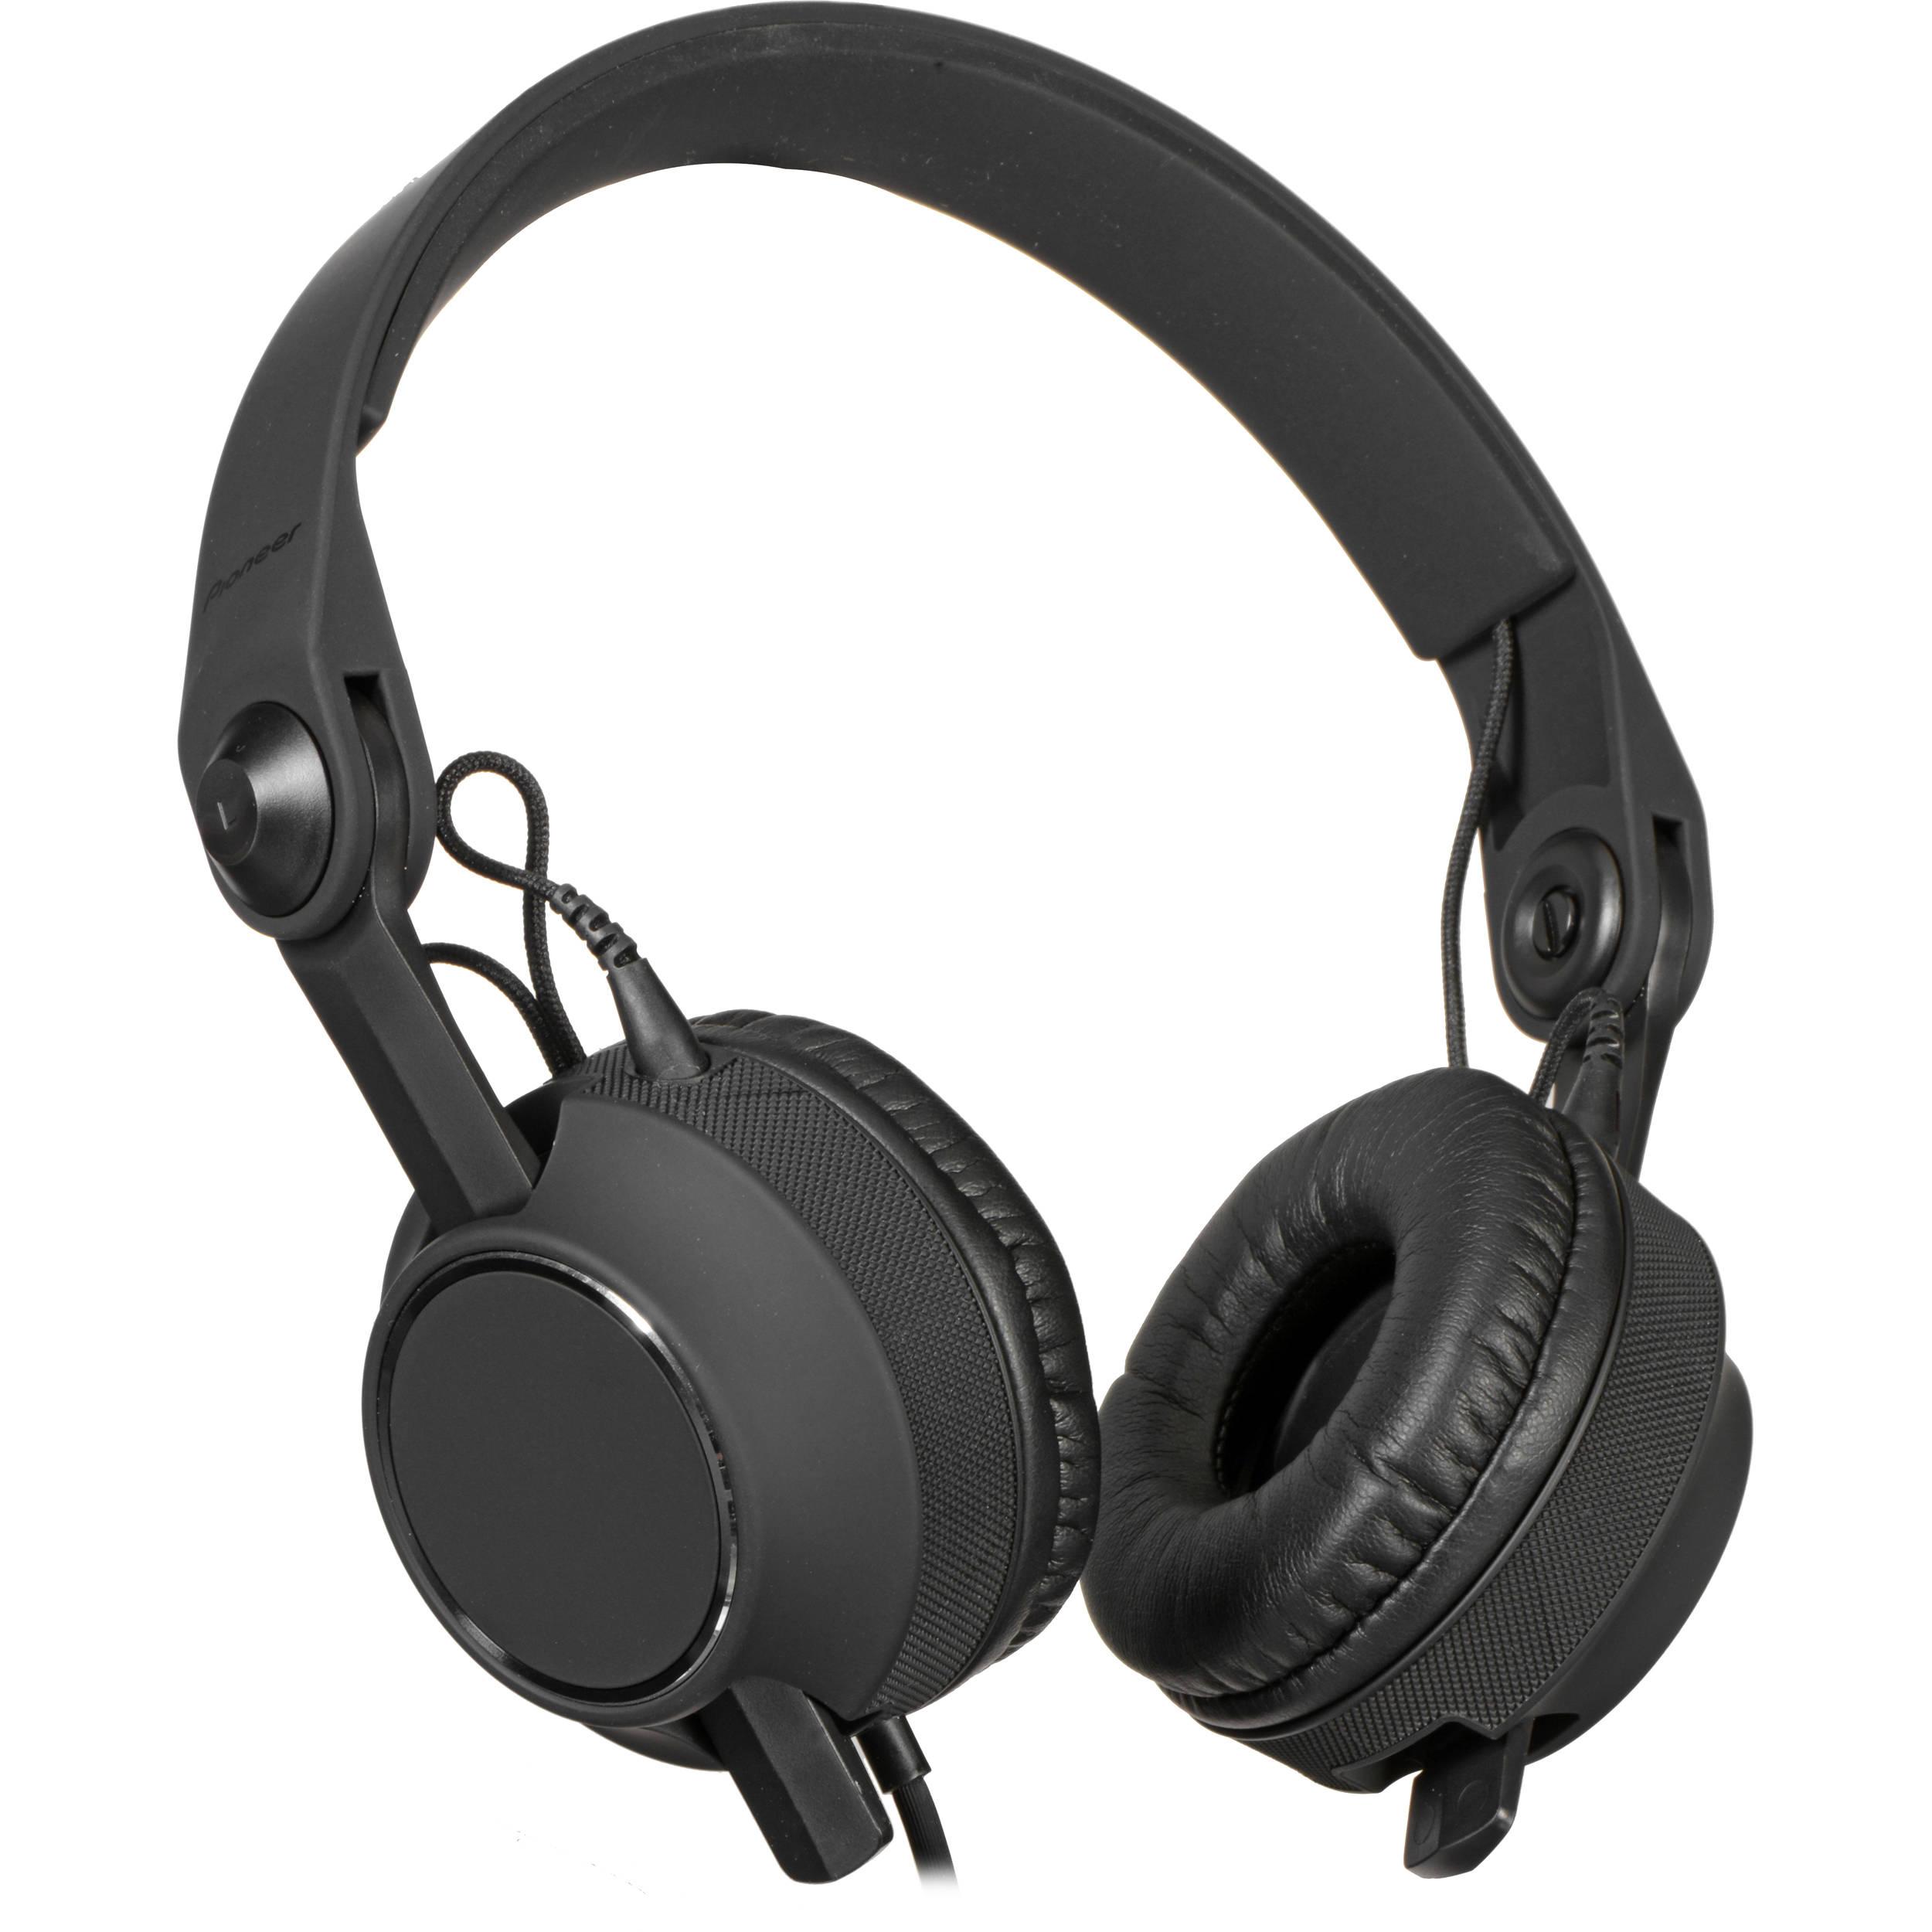 Pioneer DJ HDJ-C70 Professional DJ On-Ear Headphones HDJ-C70 B H f69ff61f6d